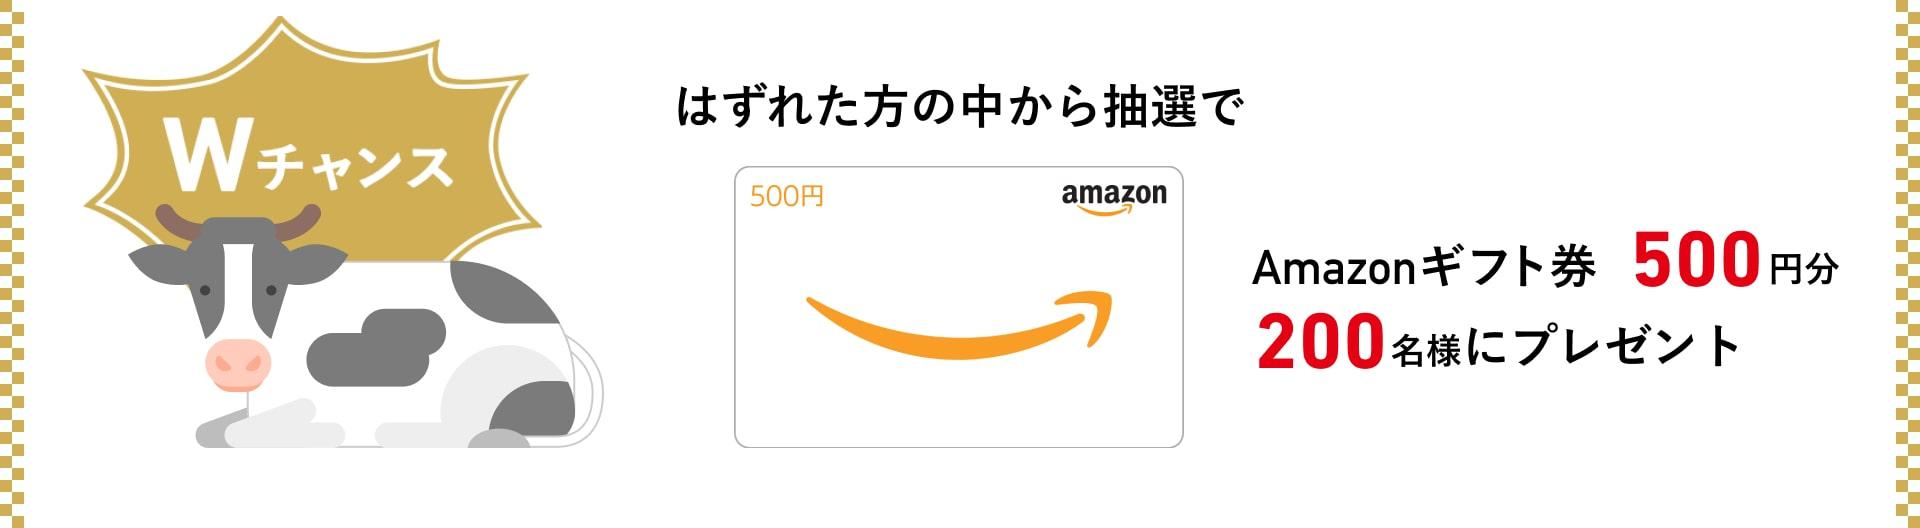 はずれた方の中から抽選で『Amazonギフト券 500円分』を200名様にプレゼント